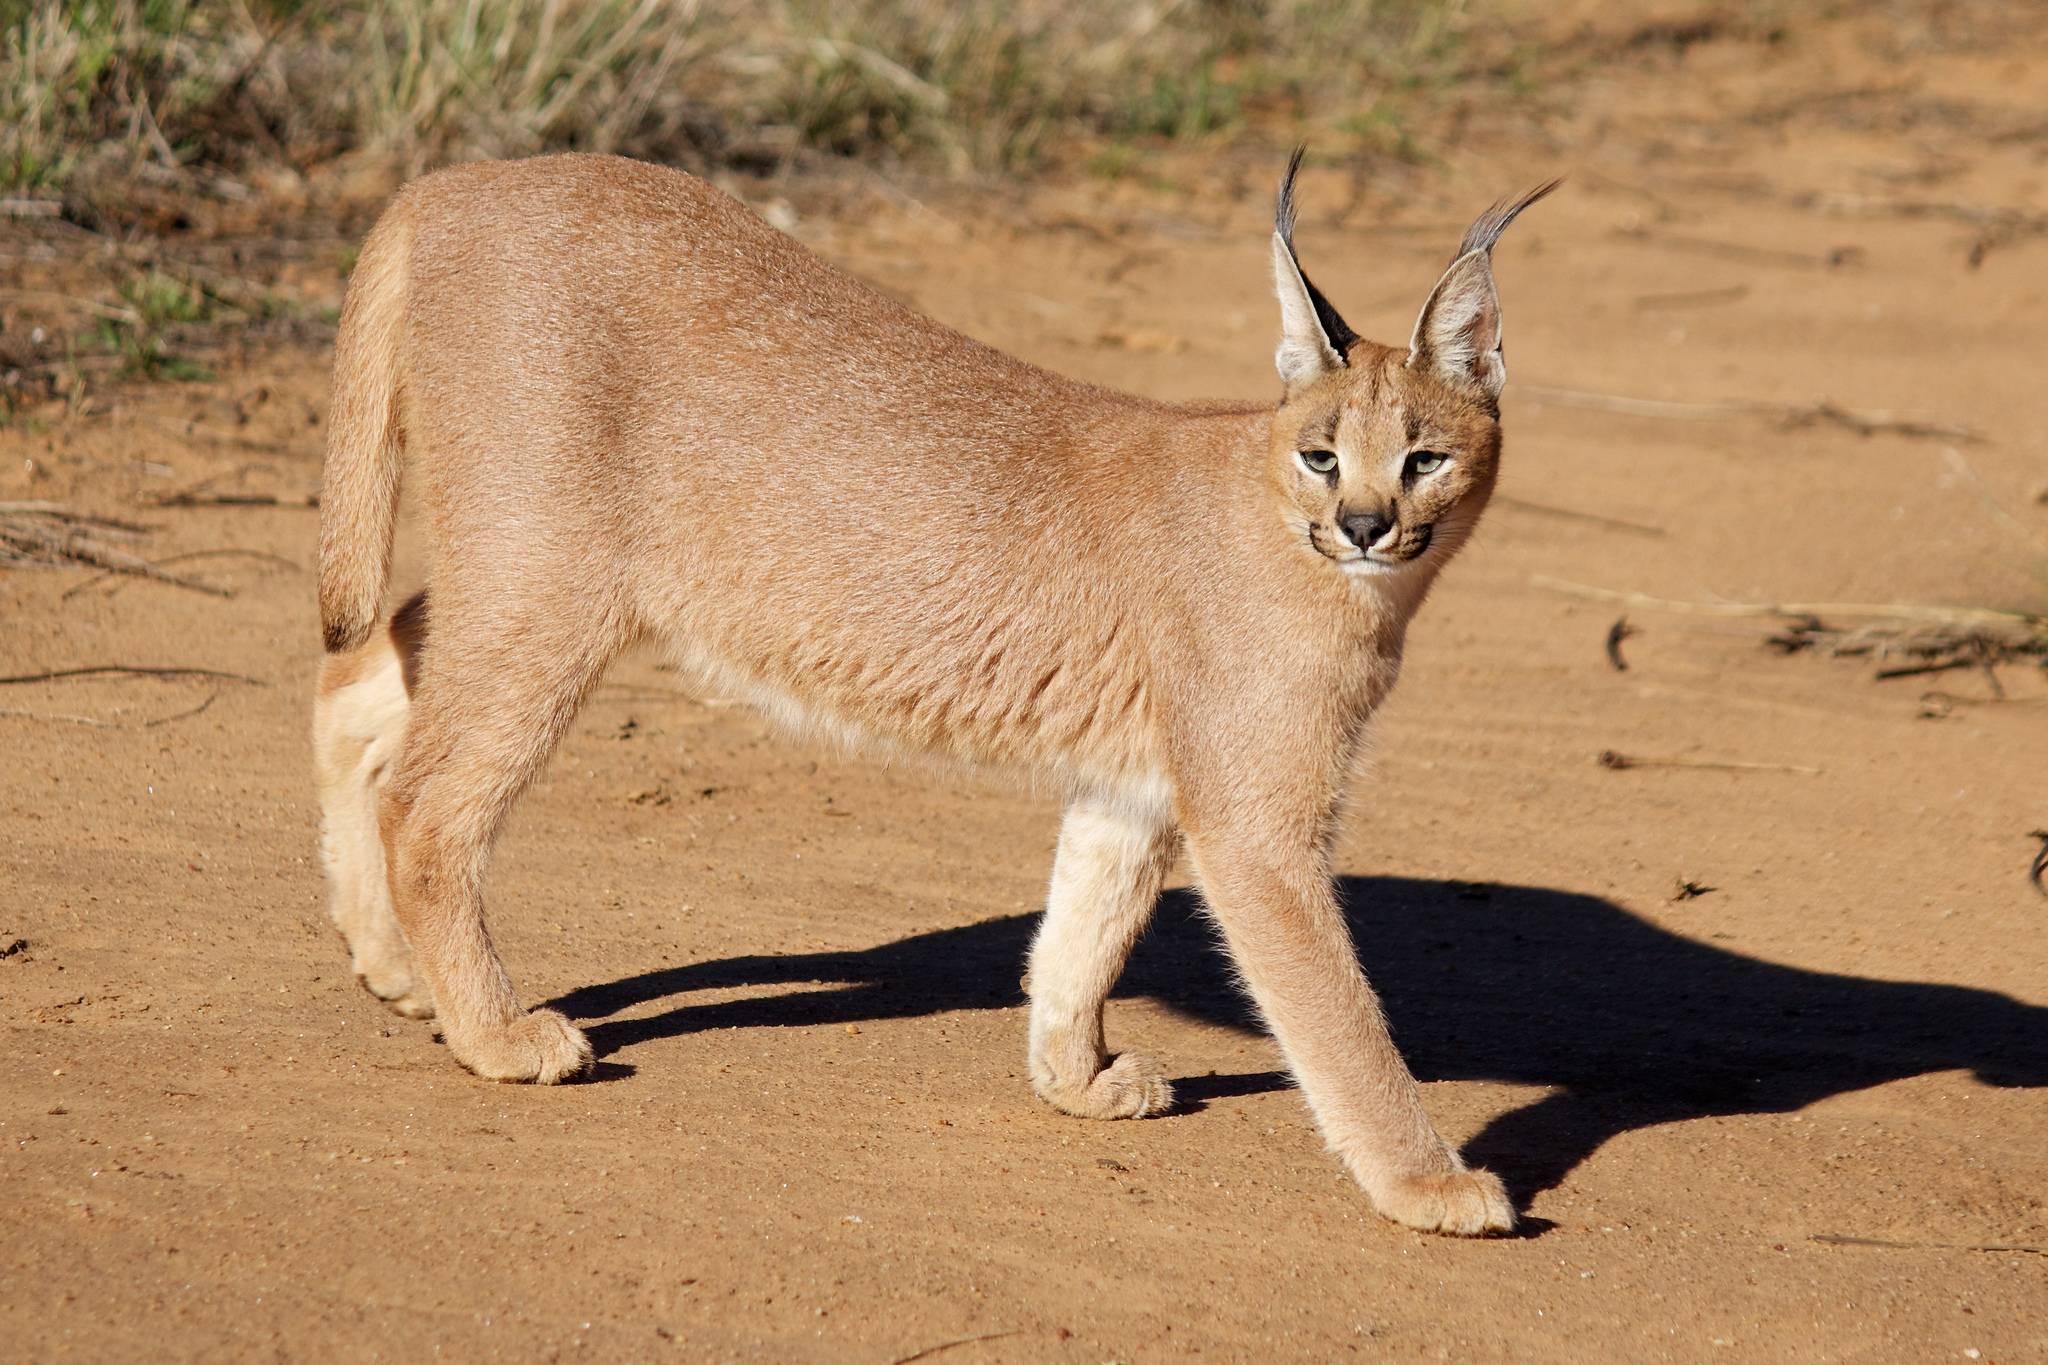 Степной кот: 63 фото дикой кошки felis libyca, описание, виды